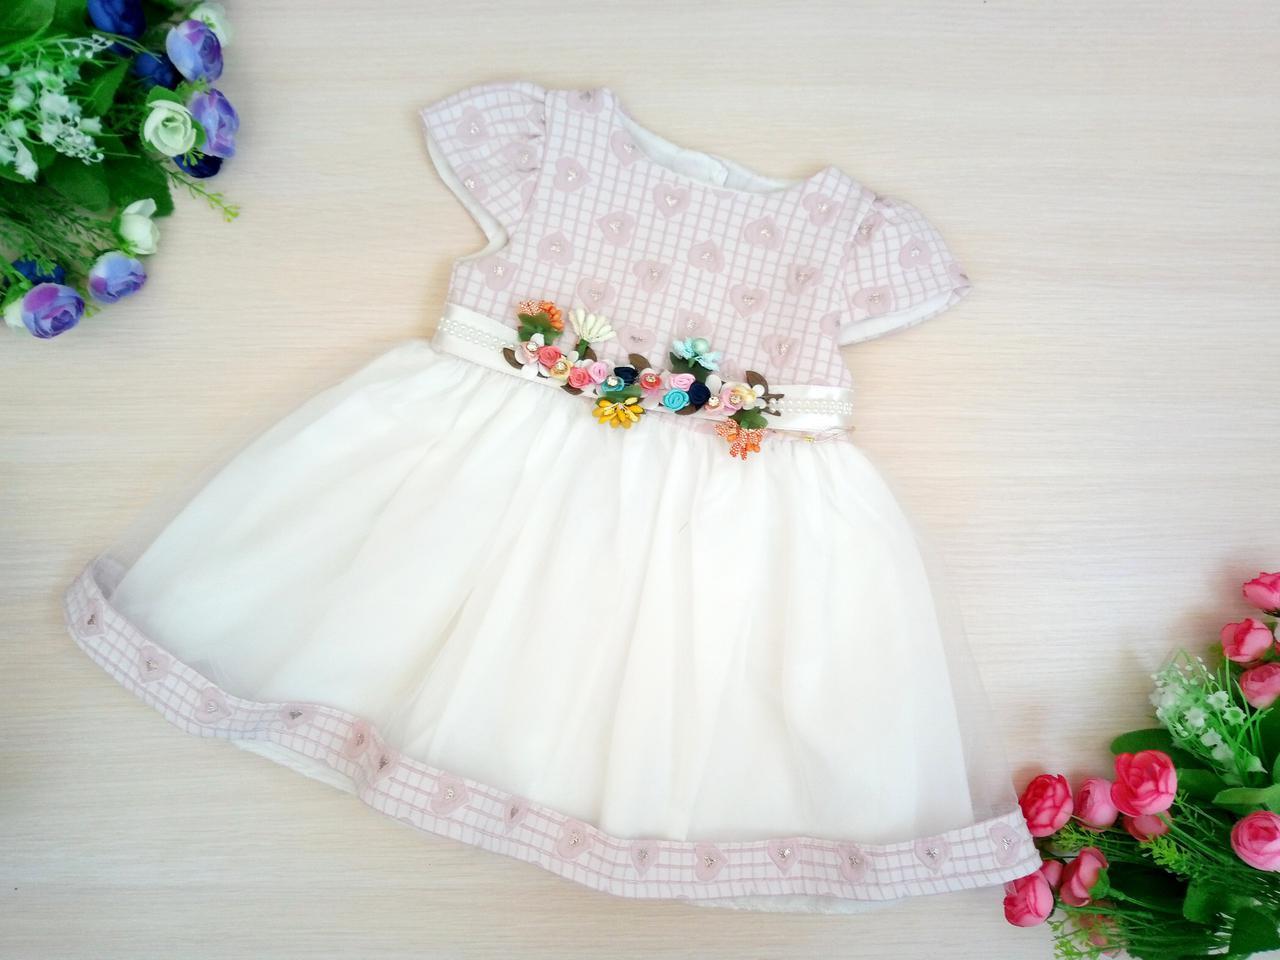 Нарядное платье 2 года выкройка фото 16